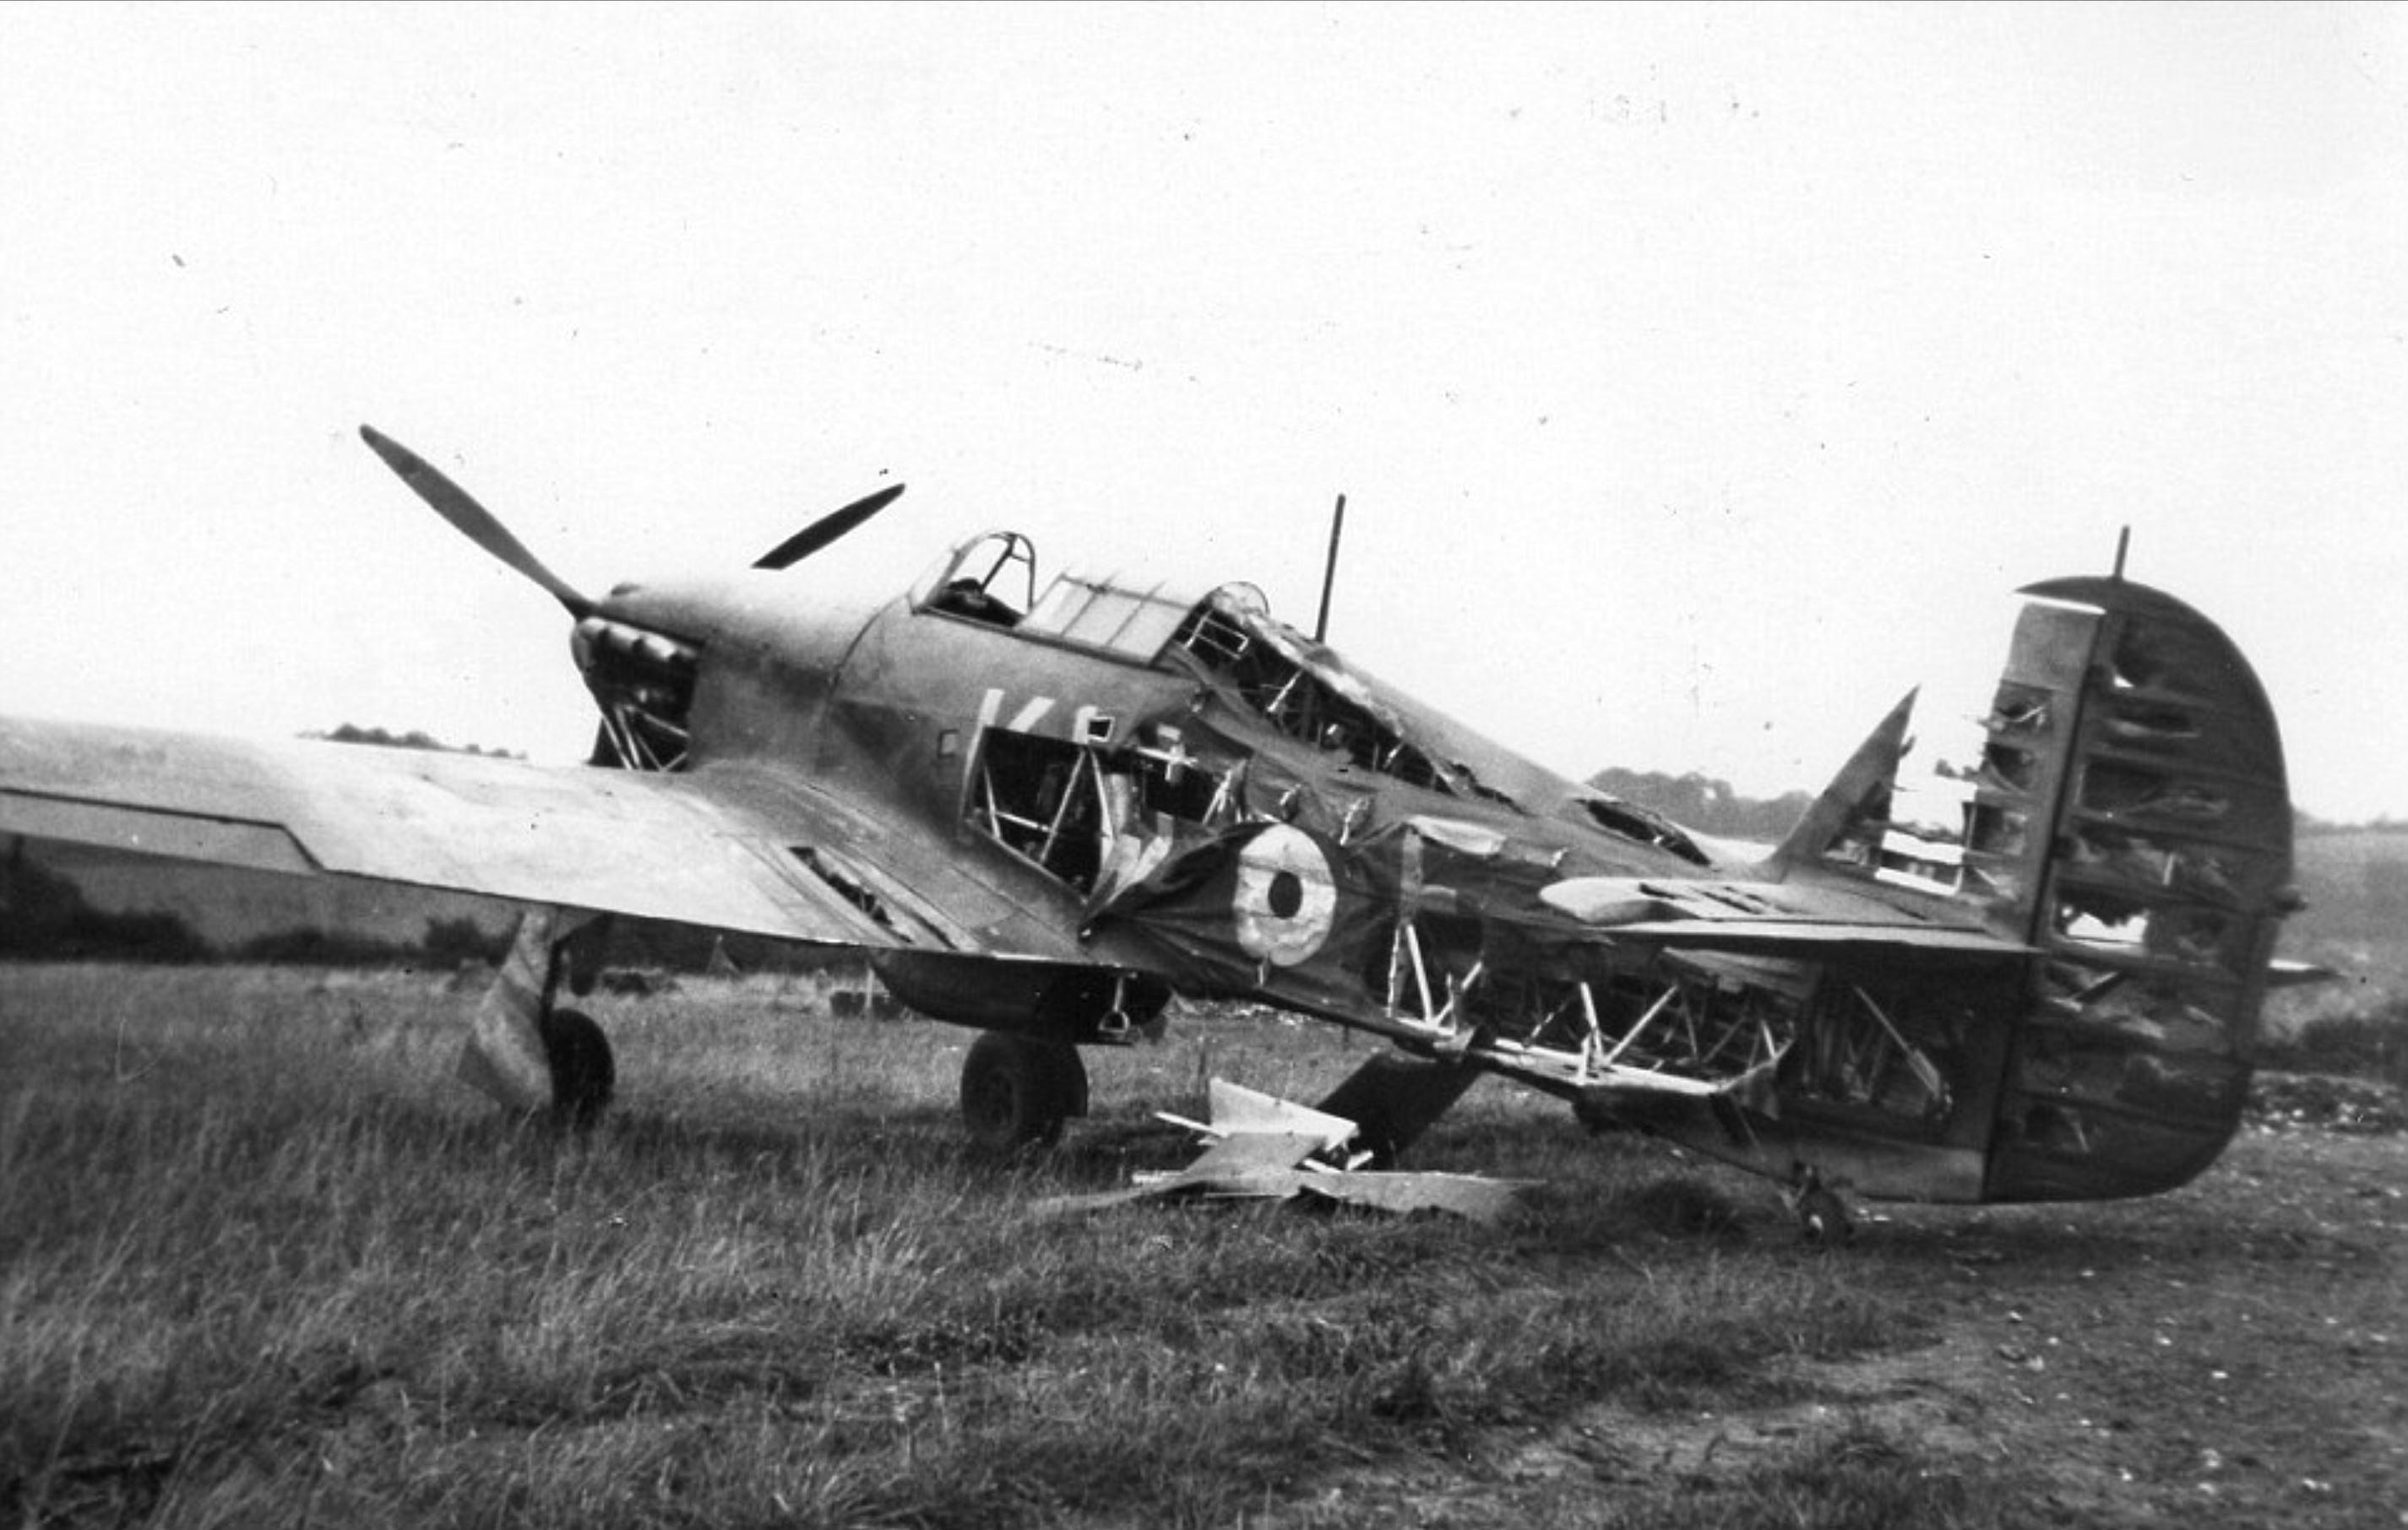 Hurricane II RAF 615Sqn KWF bomb damaged at RAF Kenley Aug 1940 02